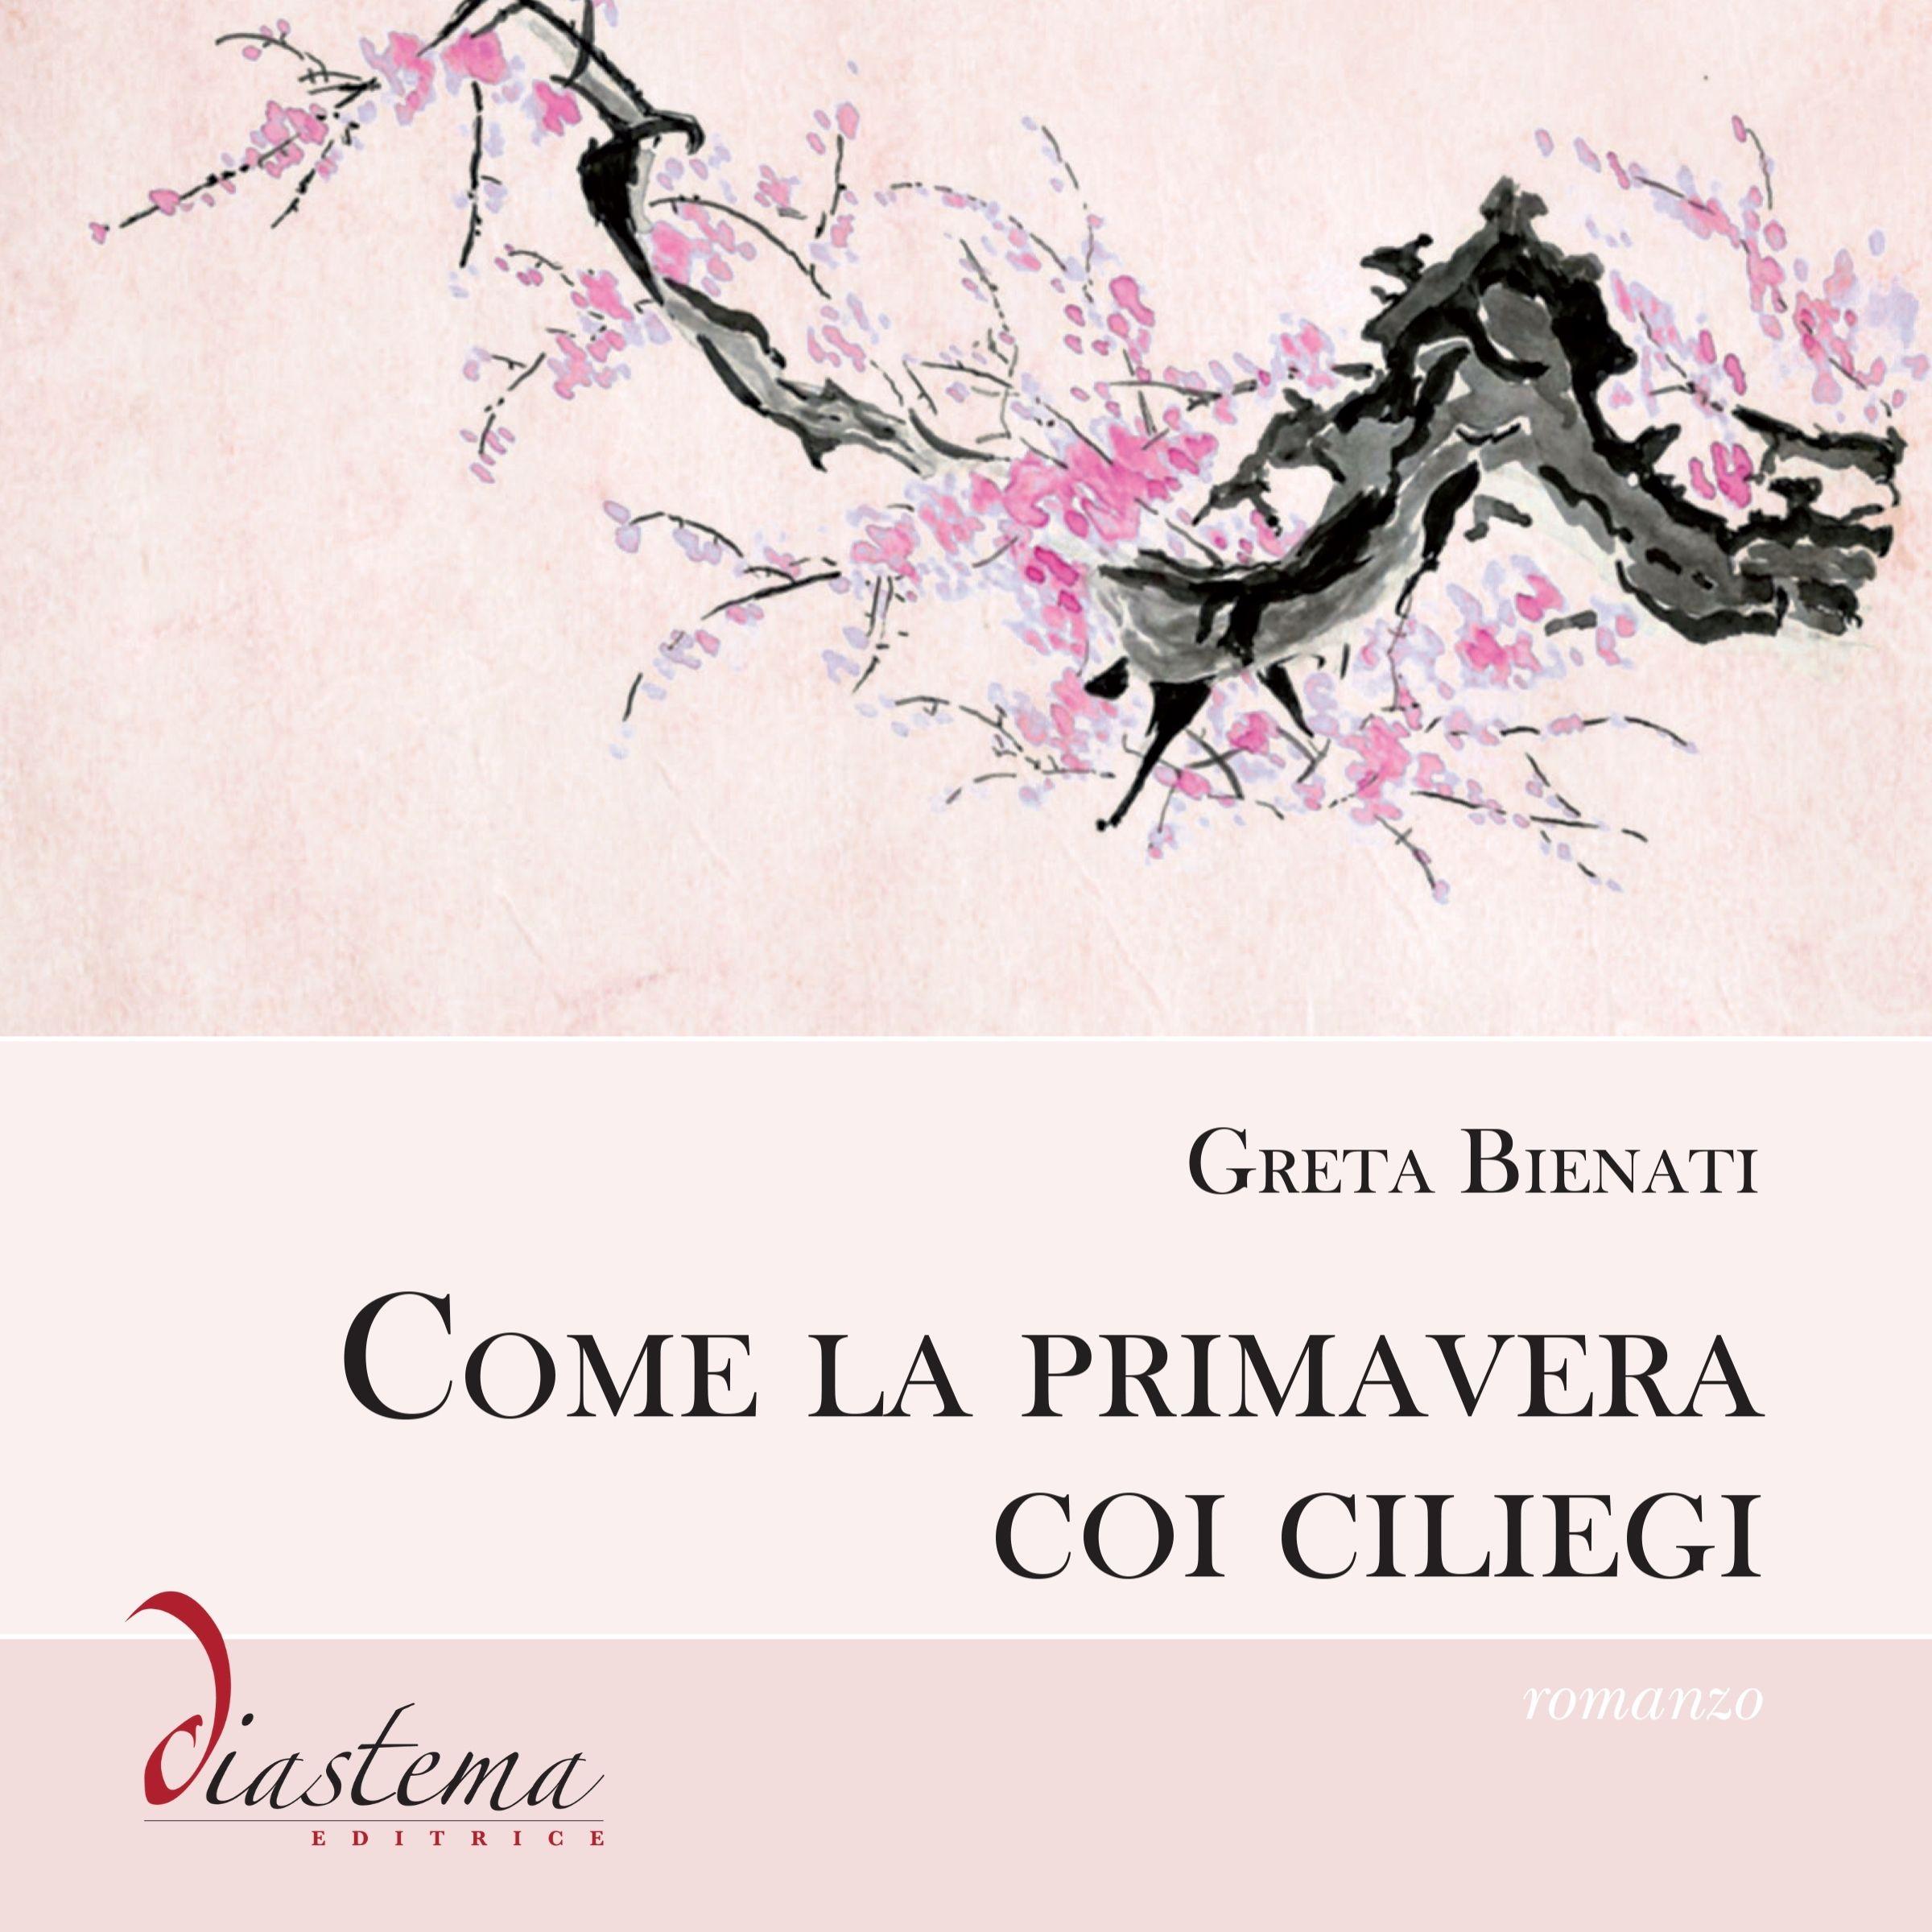 Audiolibro - Come la primavera coi ciliegi (Greta Bienati)